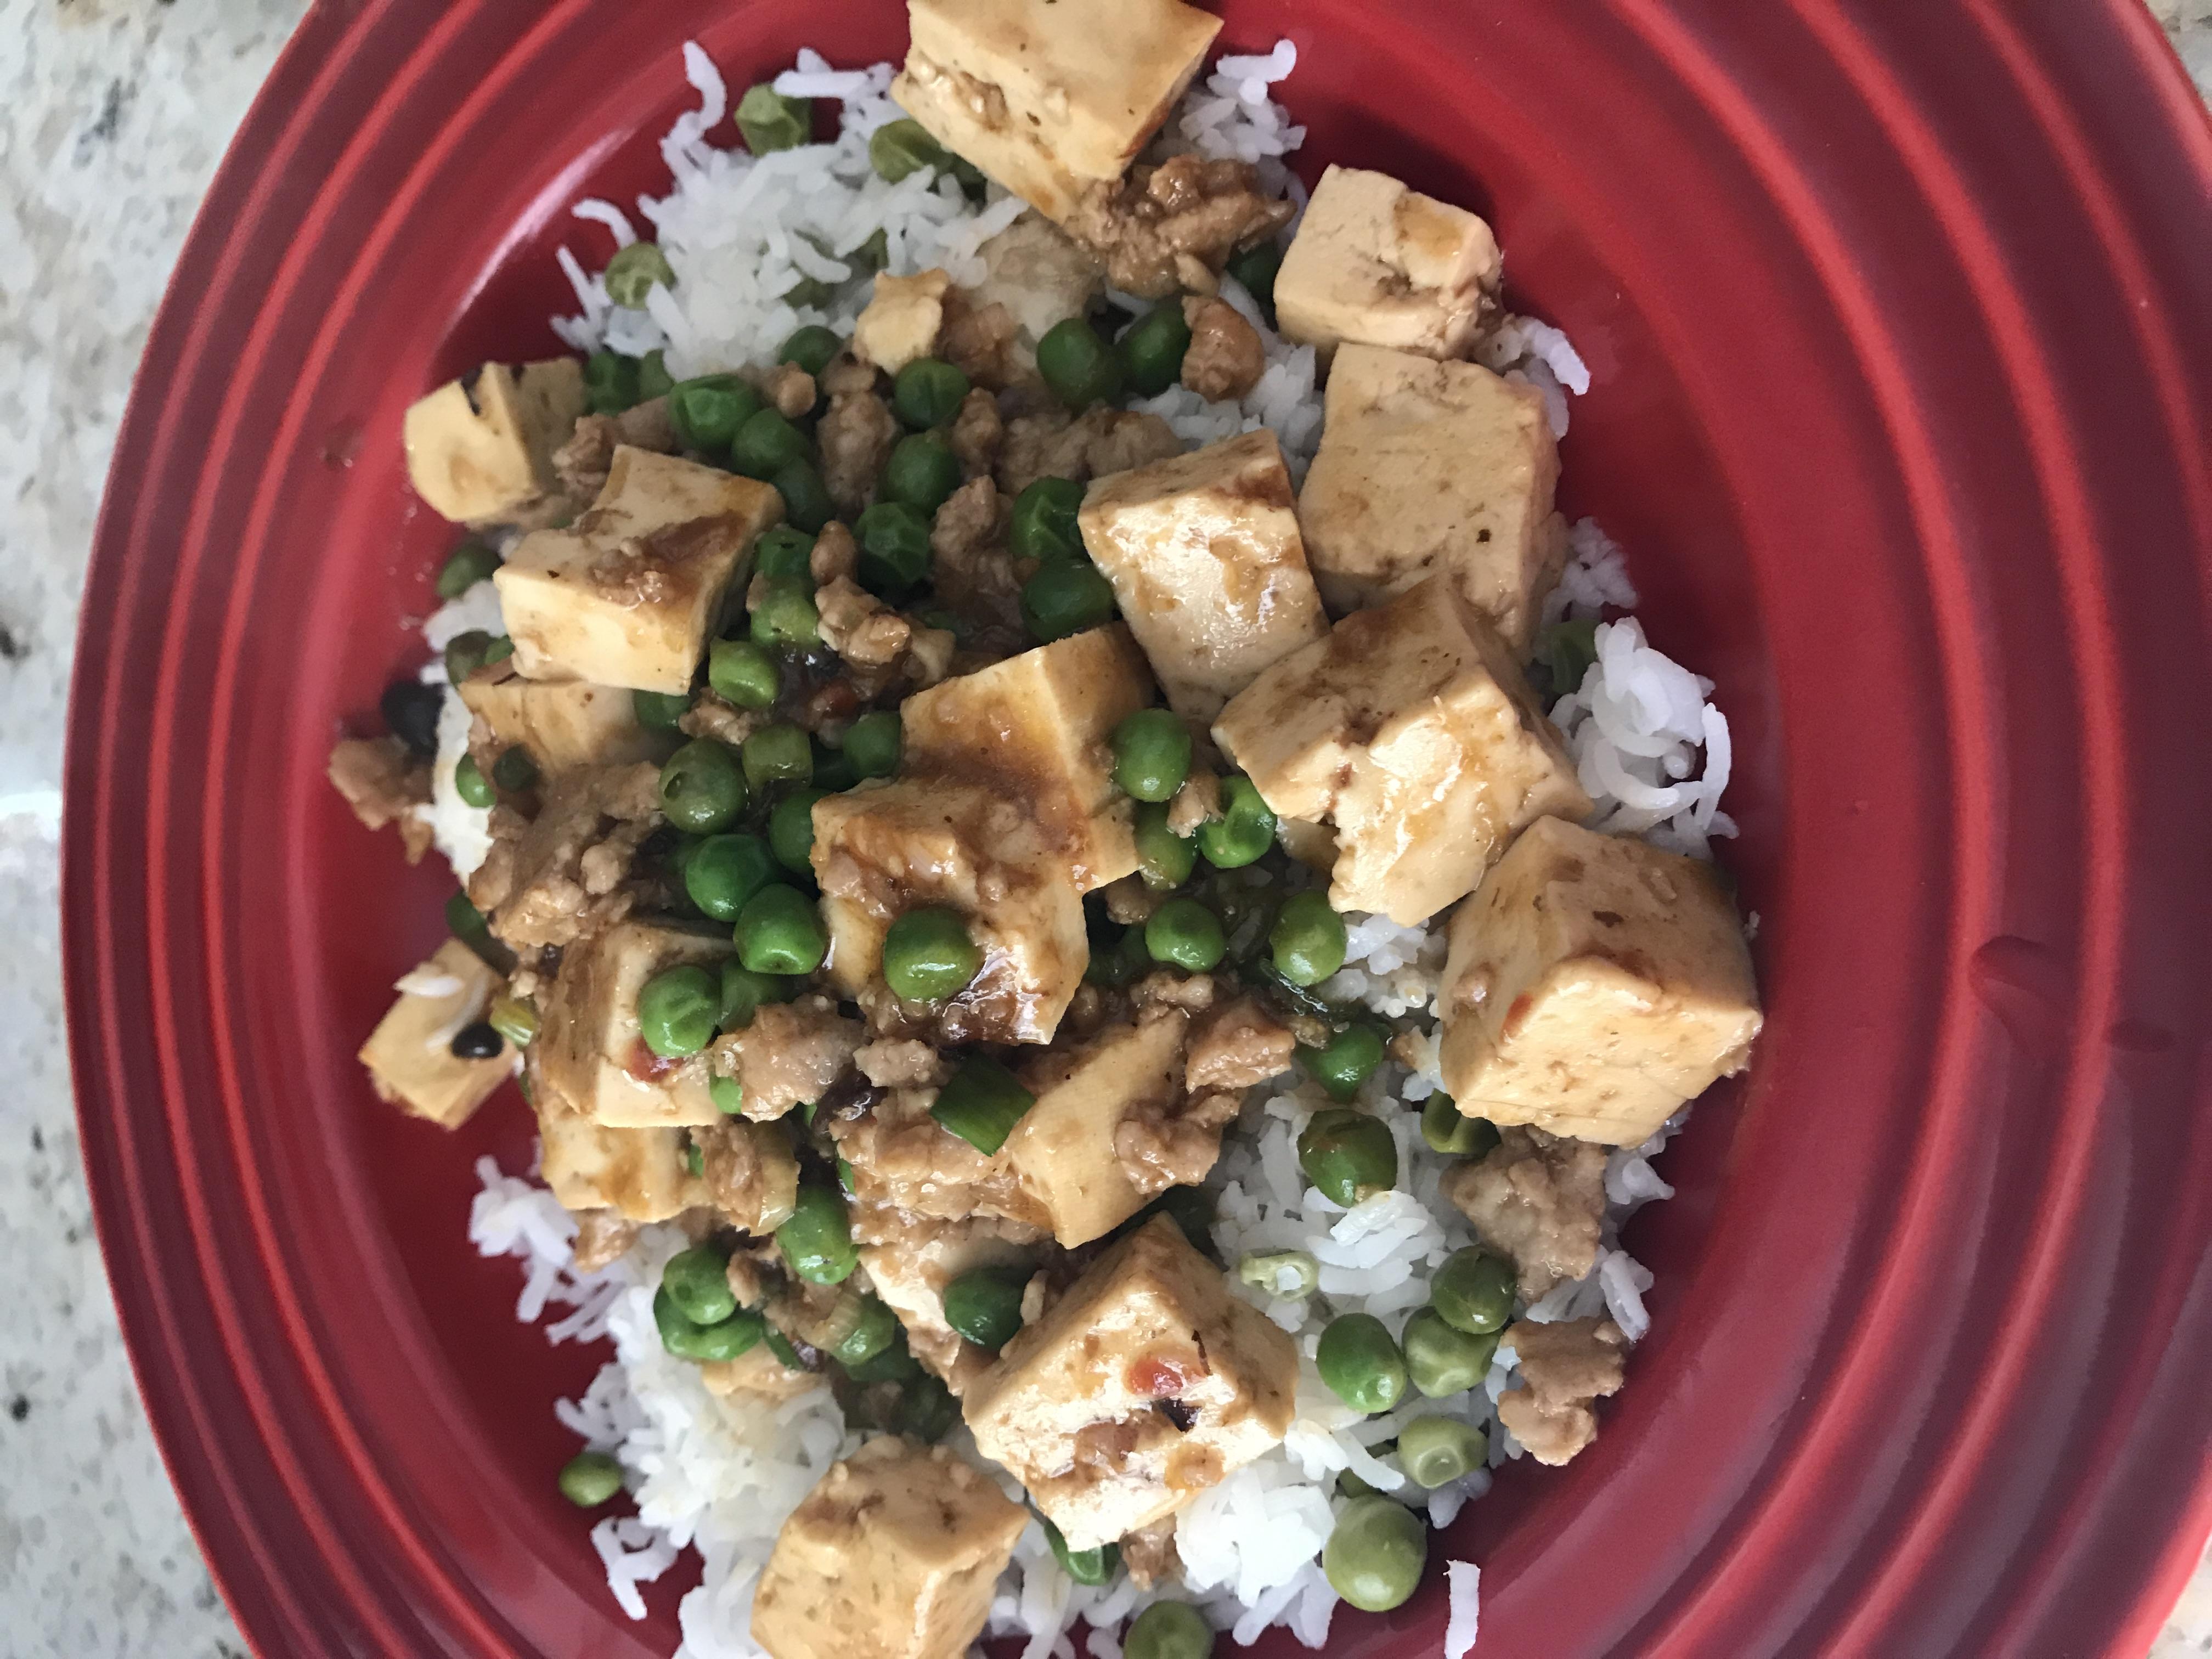 Ma Po Tofu undertheliveoaktrees